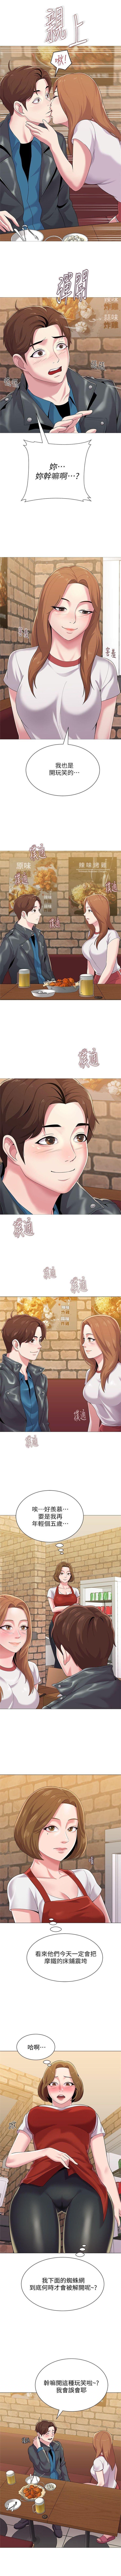 (周3)老师 1-56 中文翻译(更新中) 175